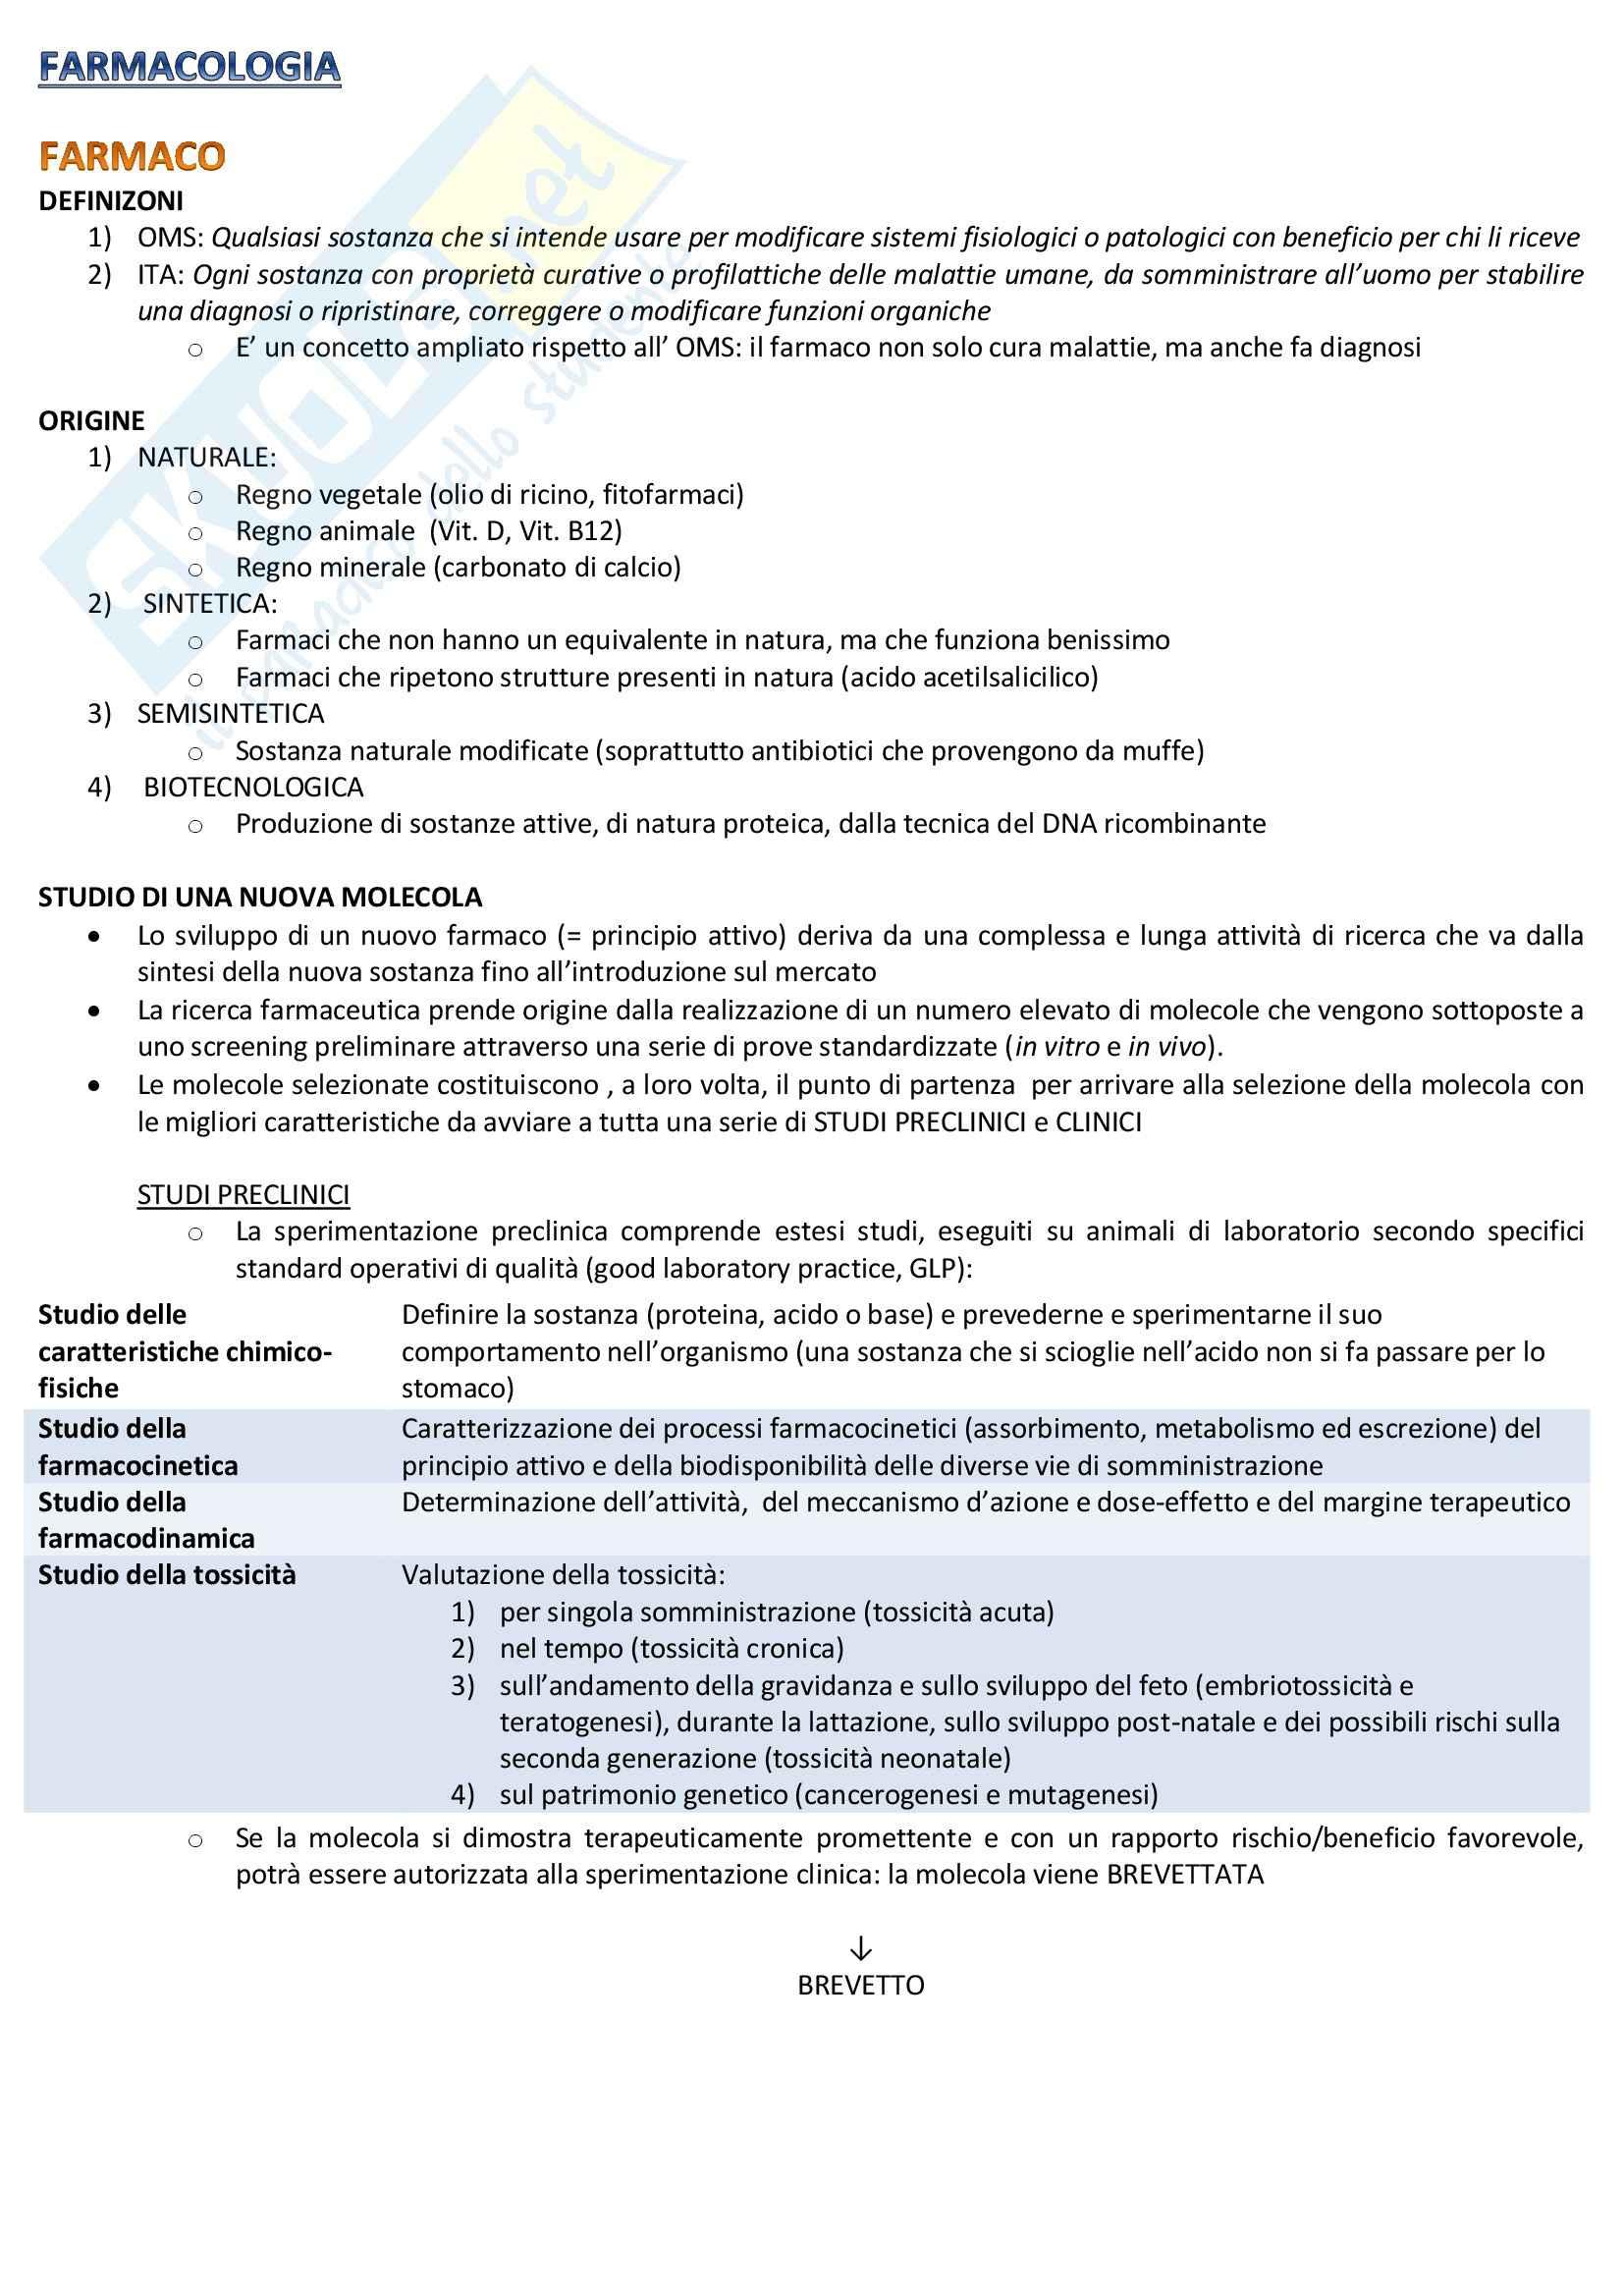 Farmacologia - Appunti